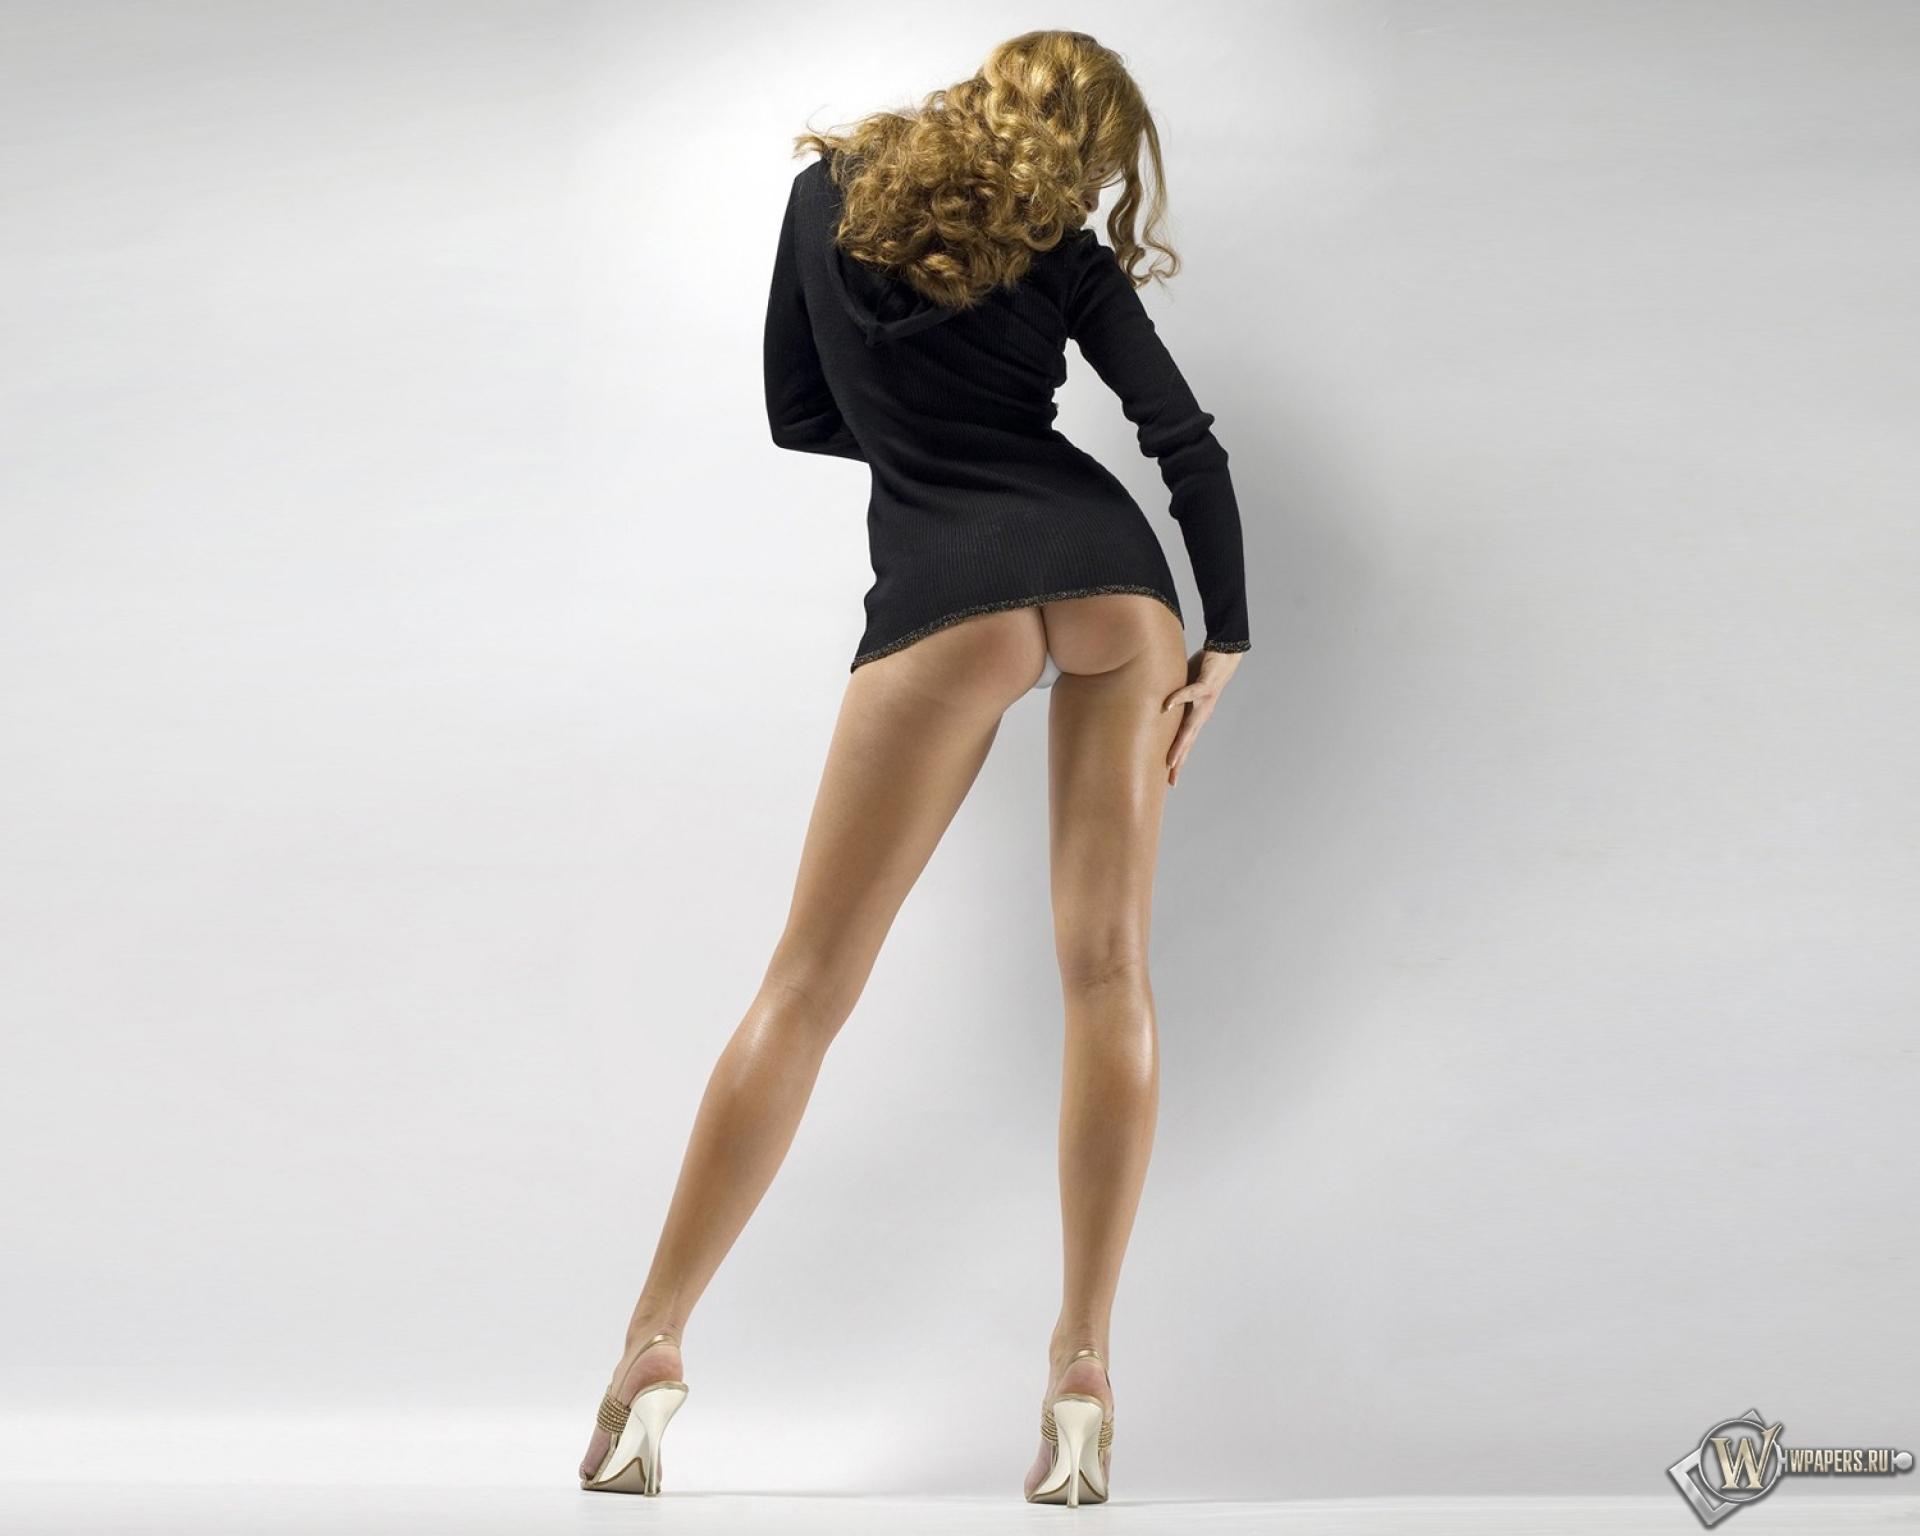 Худенькие длинноногие девушки 6 фотография